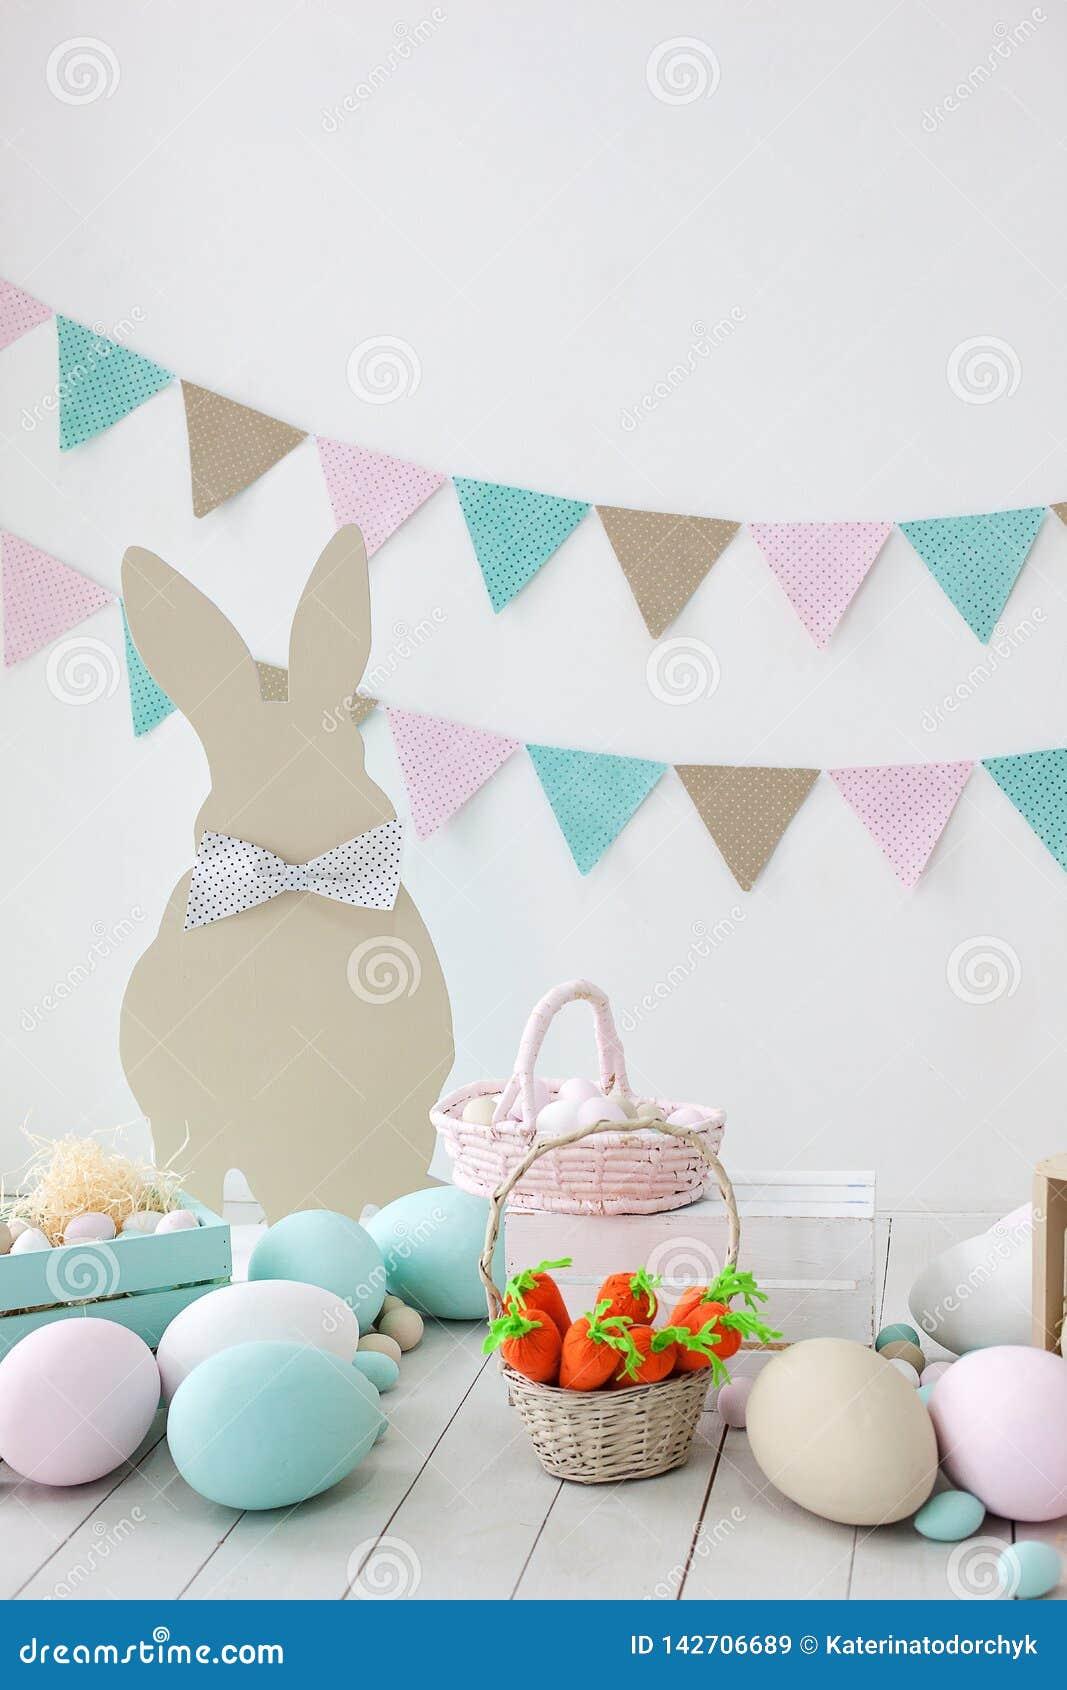 Wielkanoc! Wiele kolorowi Wielkanocni jajka z królikami i koszami! Wielkanocna dekoracja pokój, dziecko pokój dla gier Kosz z